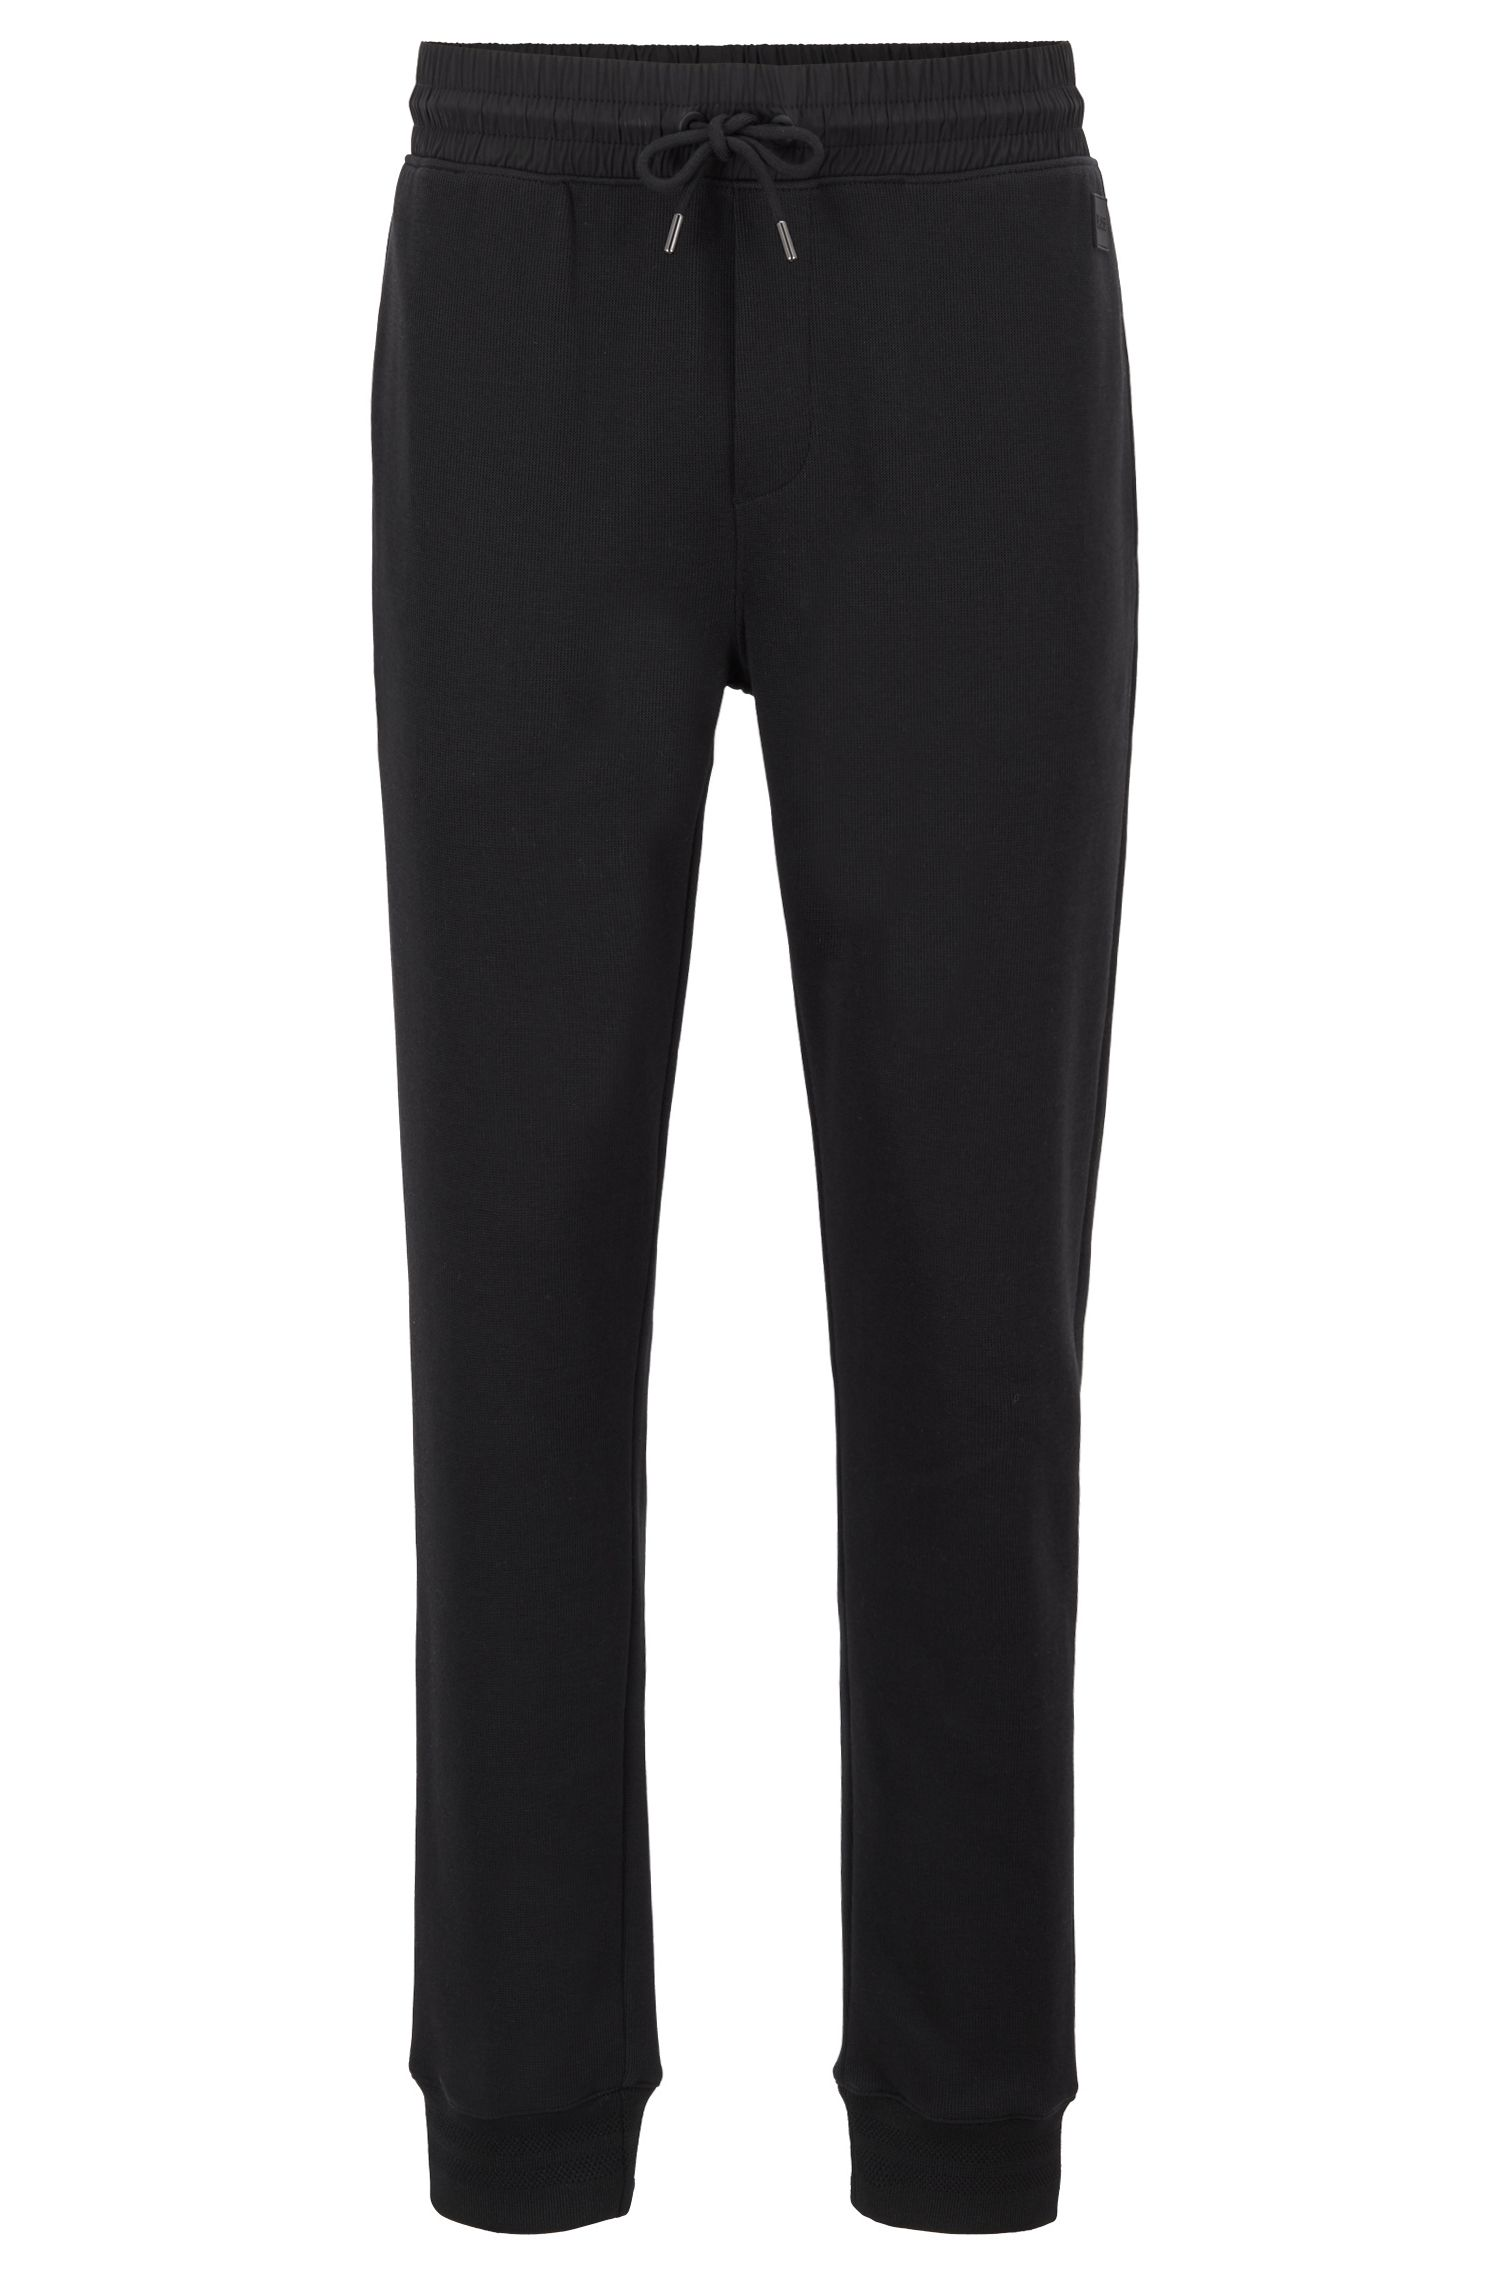 Pantalon Slim Fit en jersey côtelé déperlant, Noir